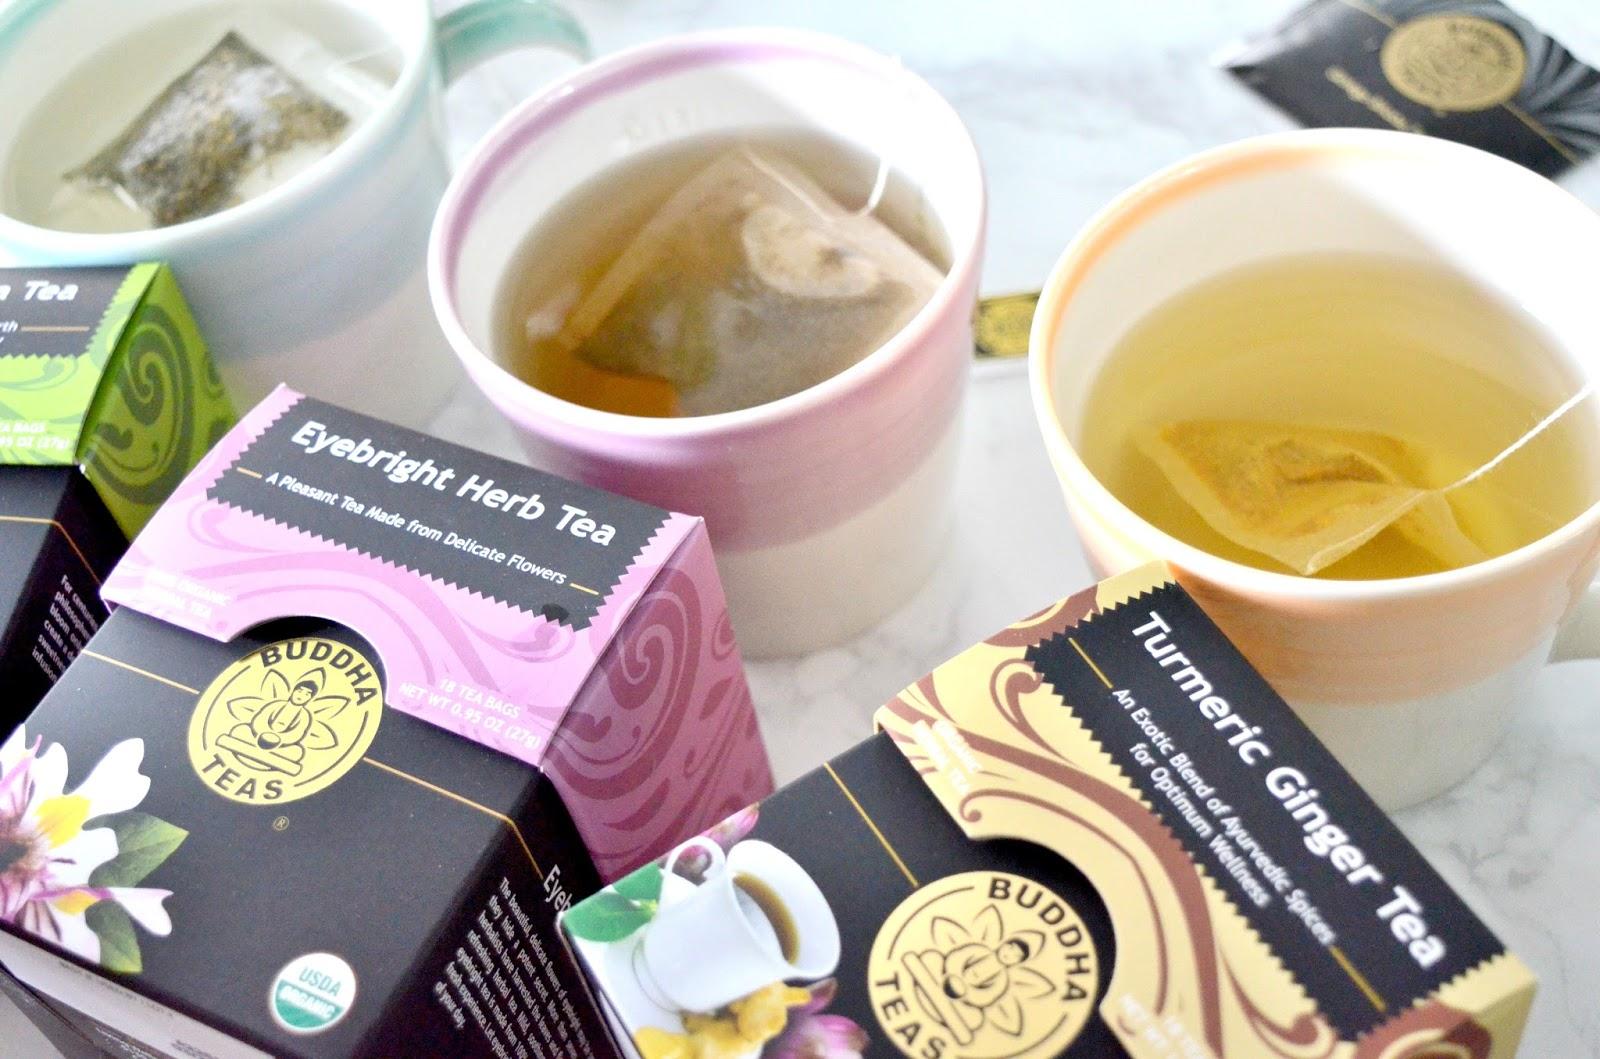 Eyebright tea from Buddha Teas